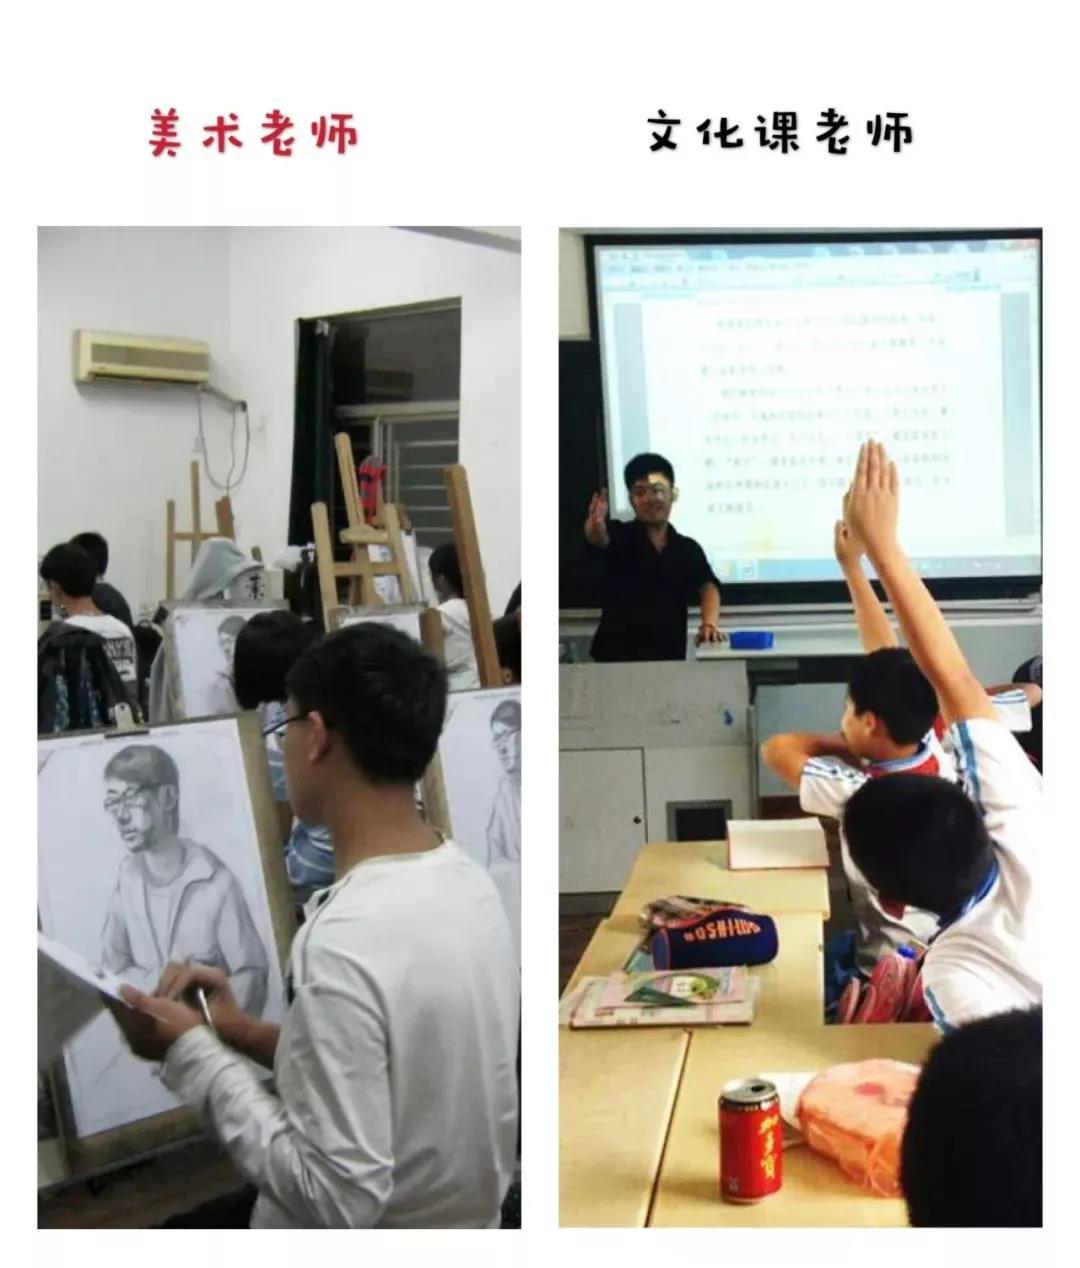 美术老师VS文化课老师图